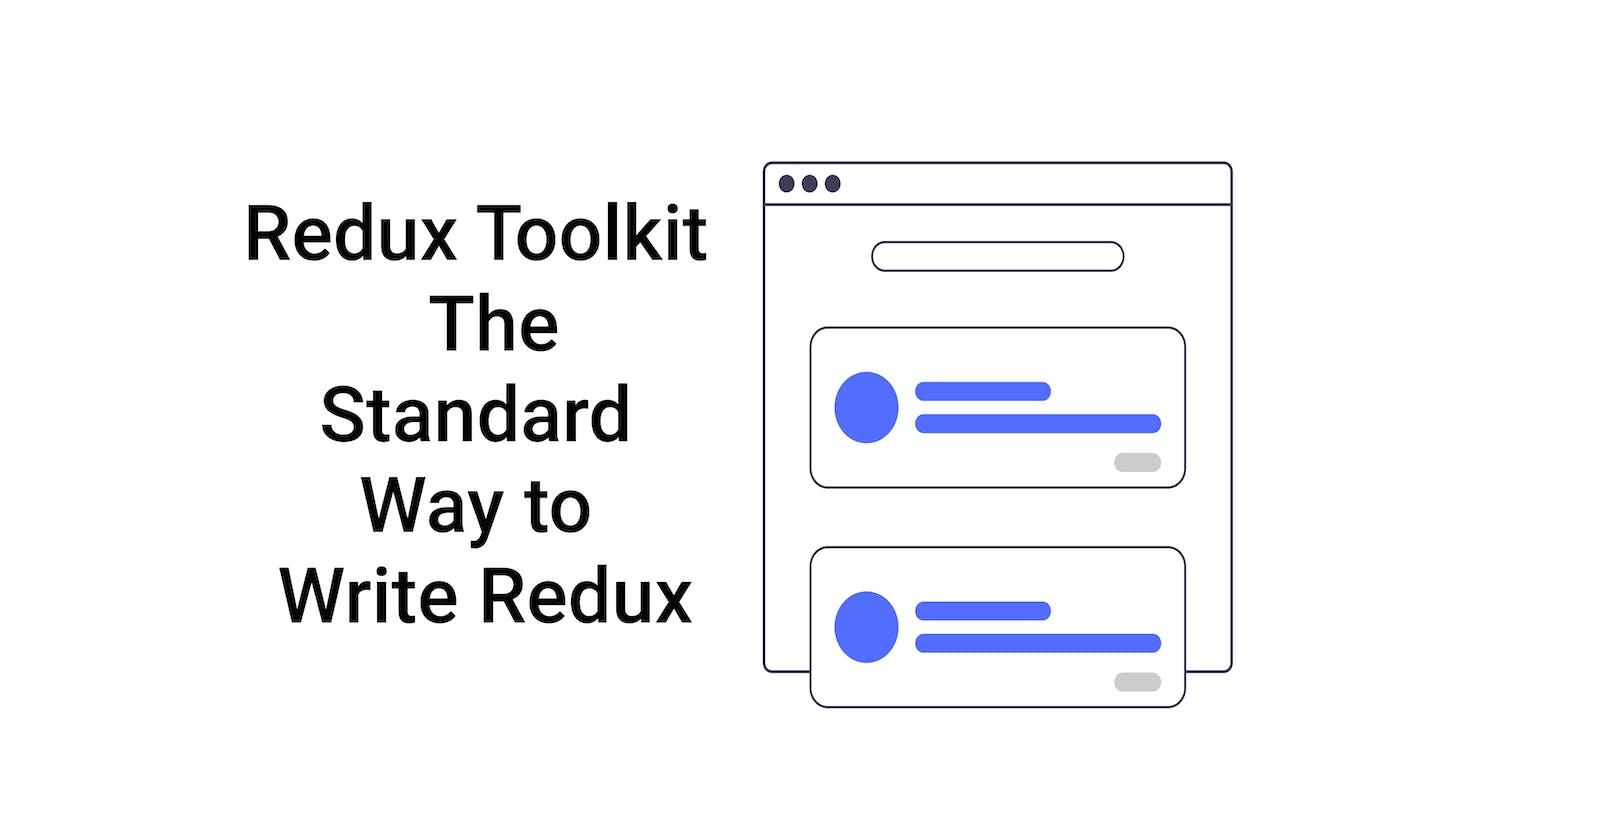 Redux Toolkit - The Standard Way to Write Redux